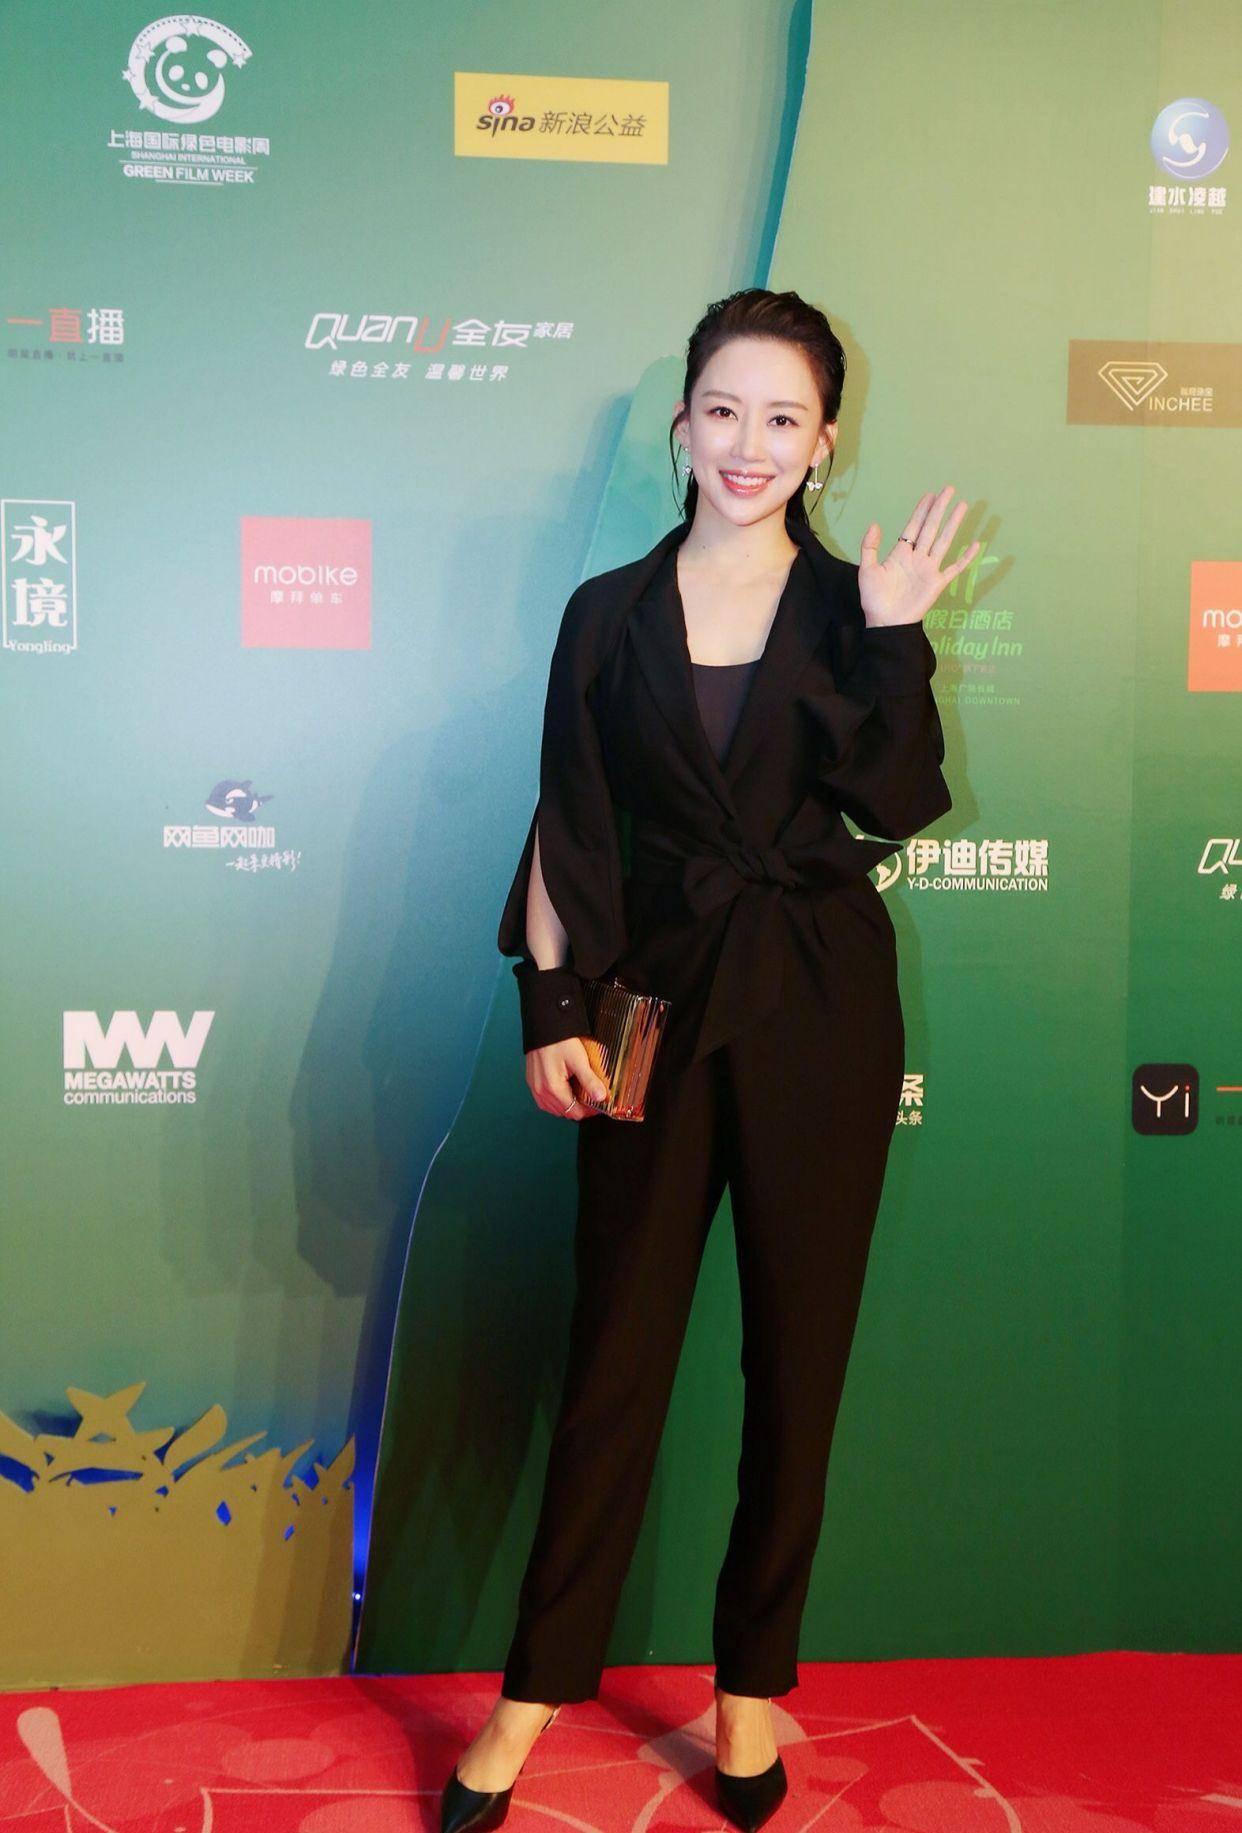 26岁台球界第一女神,身材颜值不输潘晓婷,如今自曝依然单身